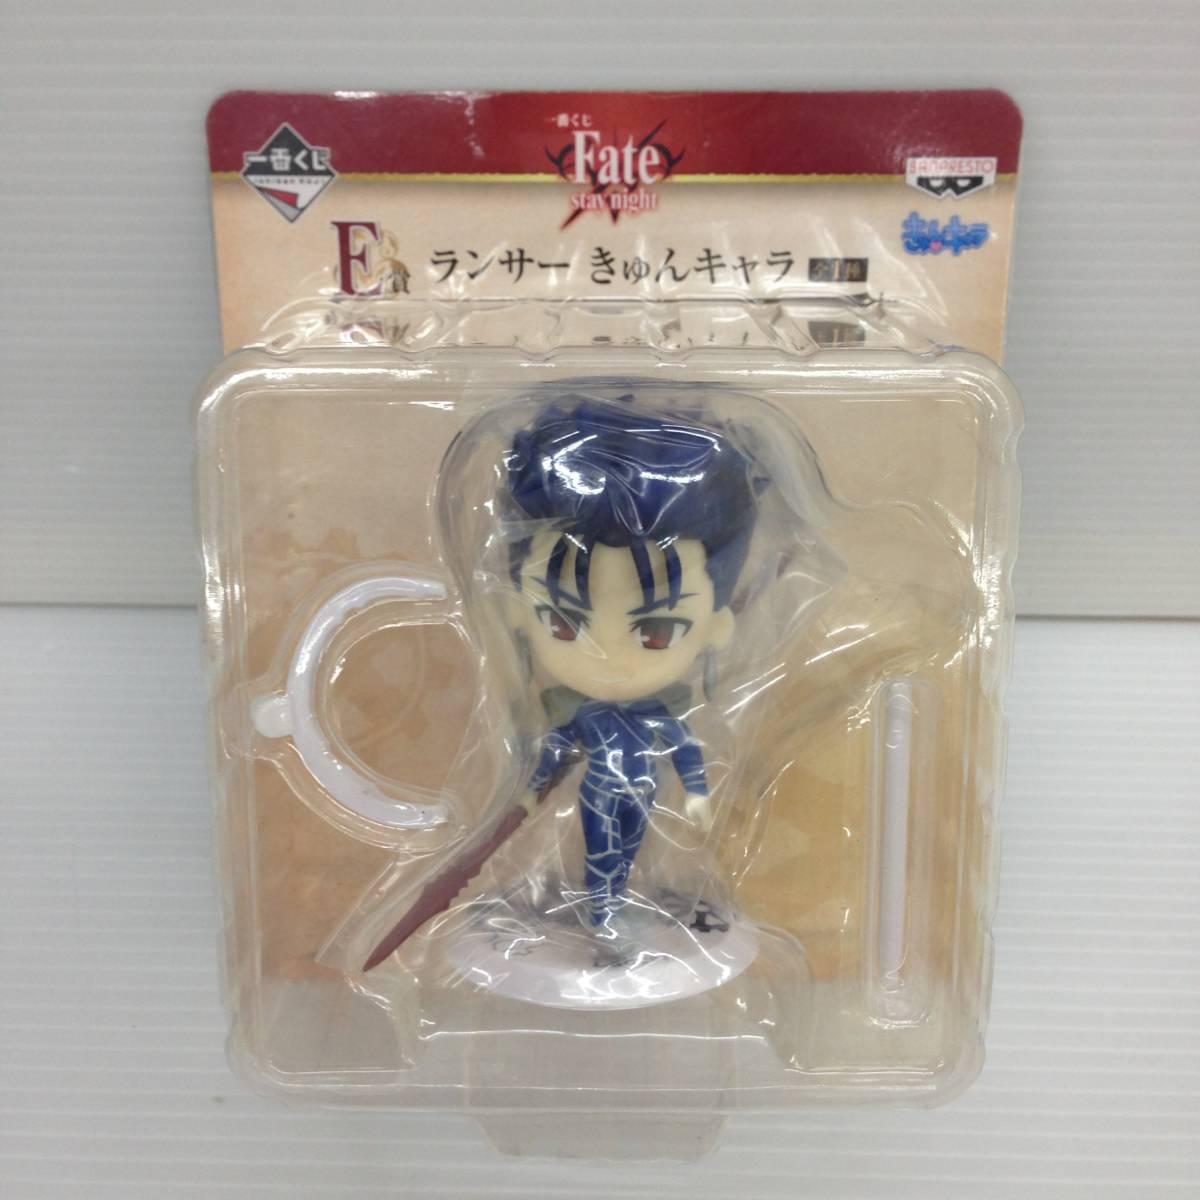 fate stay night 一番くじ D賞 ランサーきゅんキャラ フィギュア クーフーリン 未開封品 sybfig016555